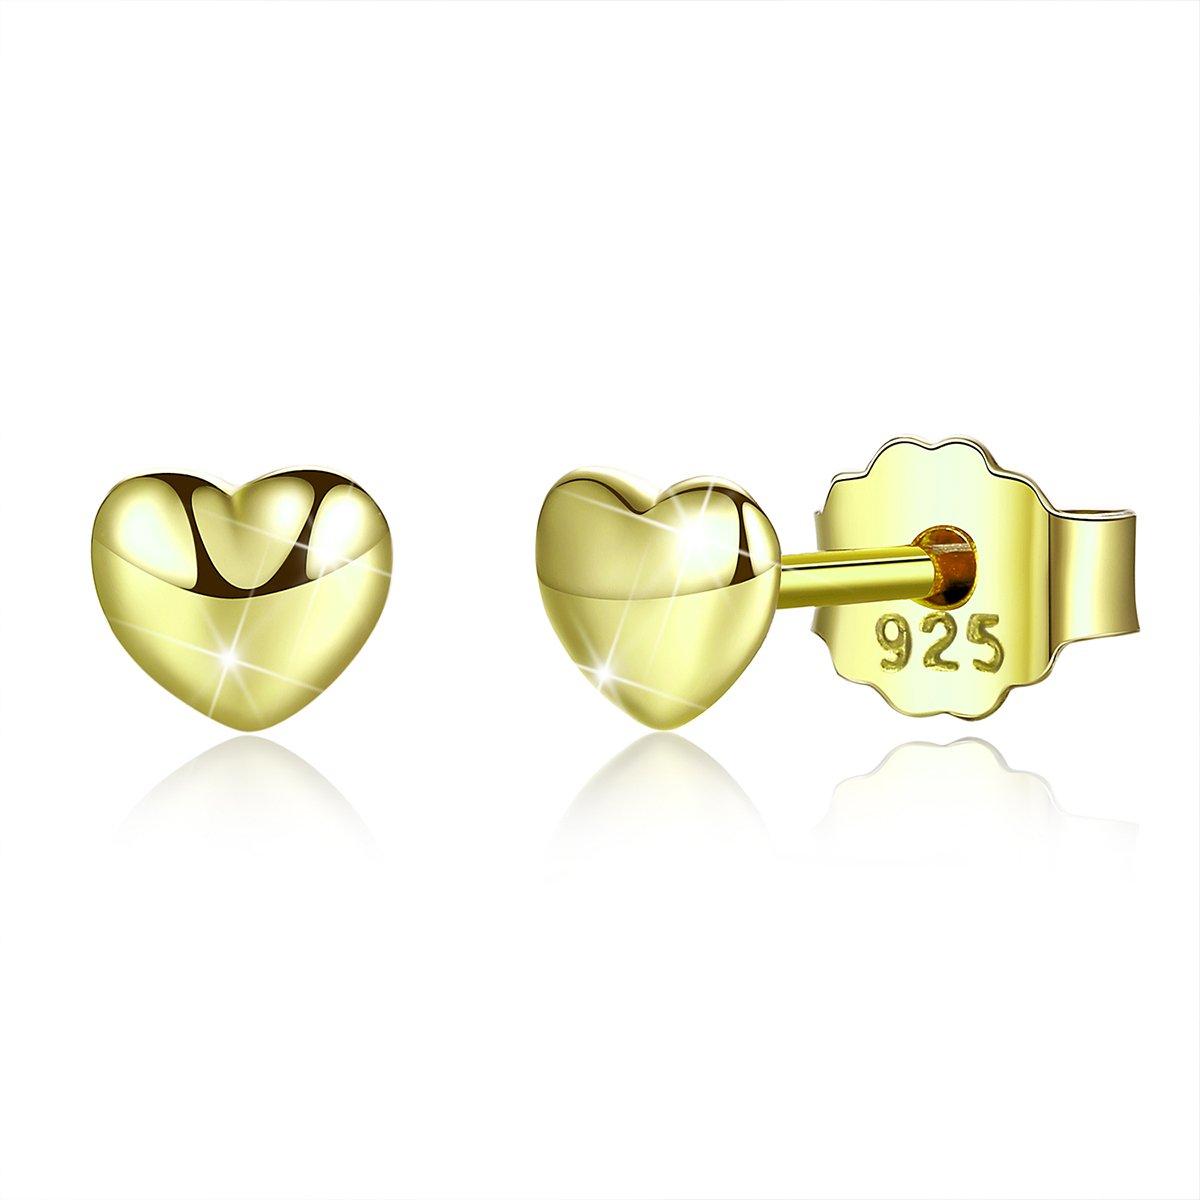 Bamoer 18K Gold Plated Love Heart Shape Earrings Stud for Anniversary Gift